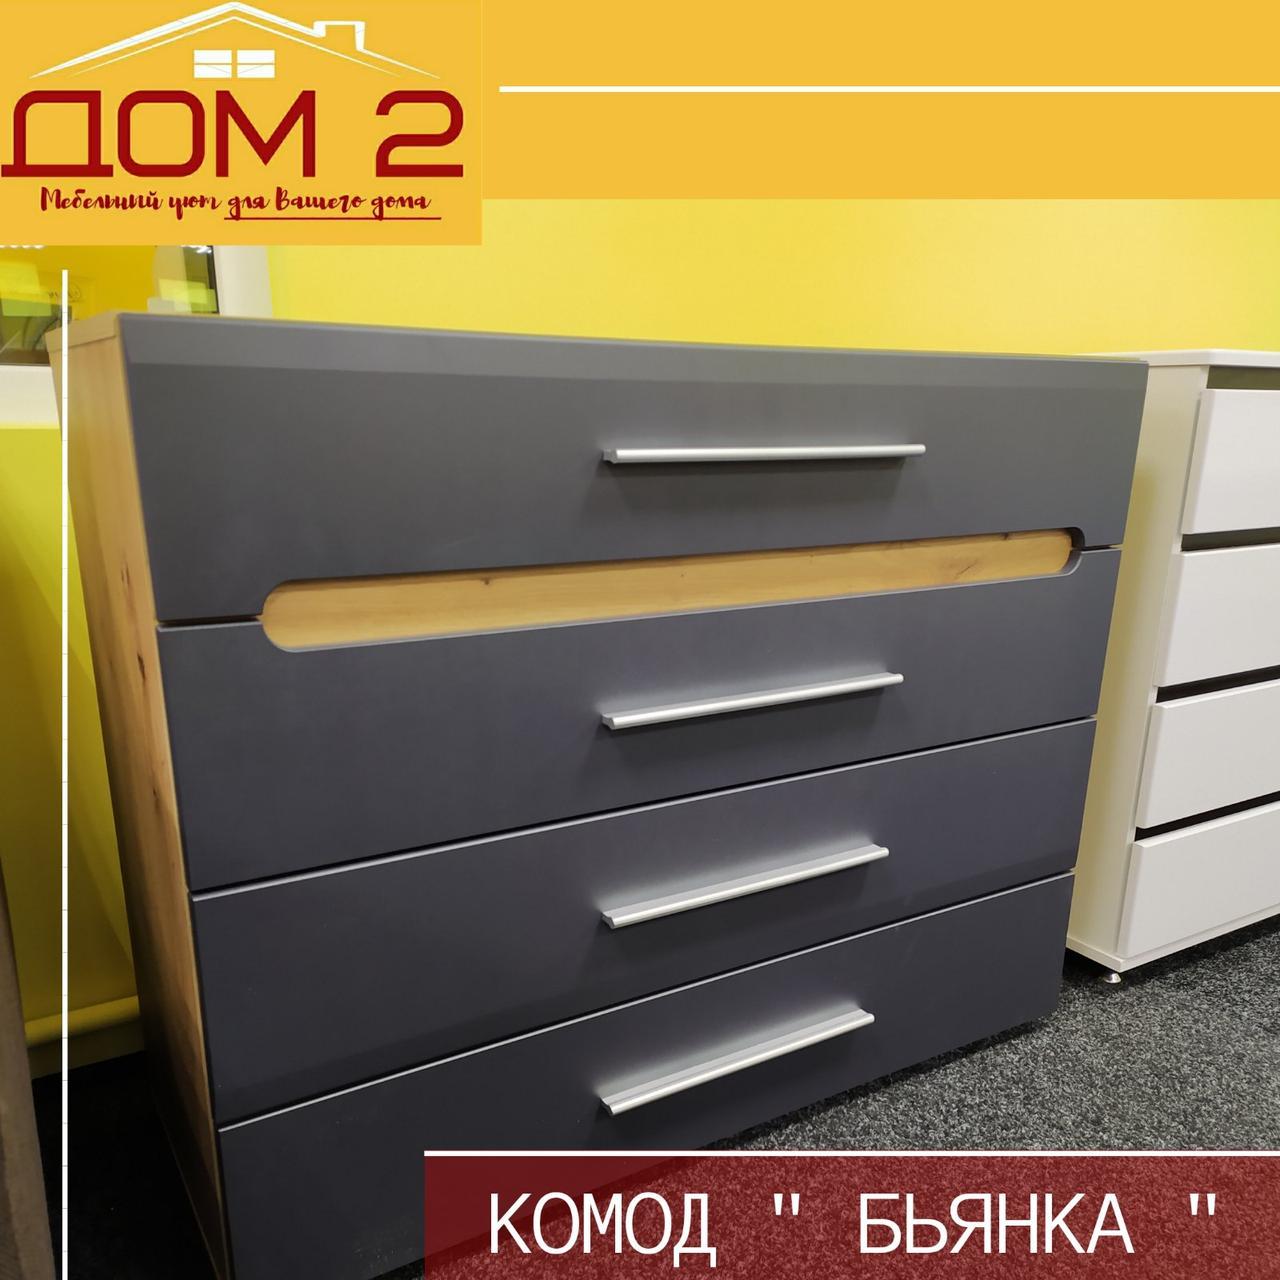 Комод Б'янко